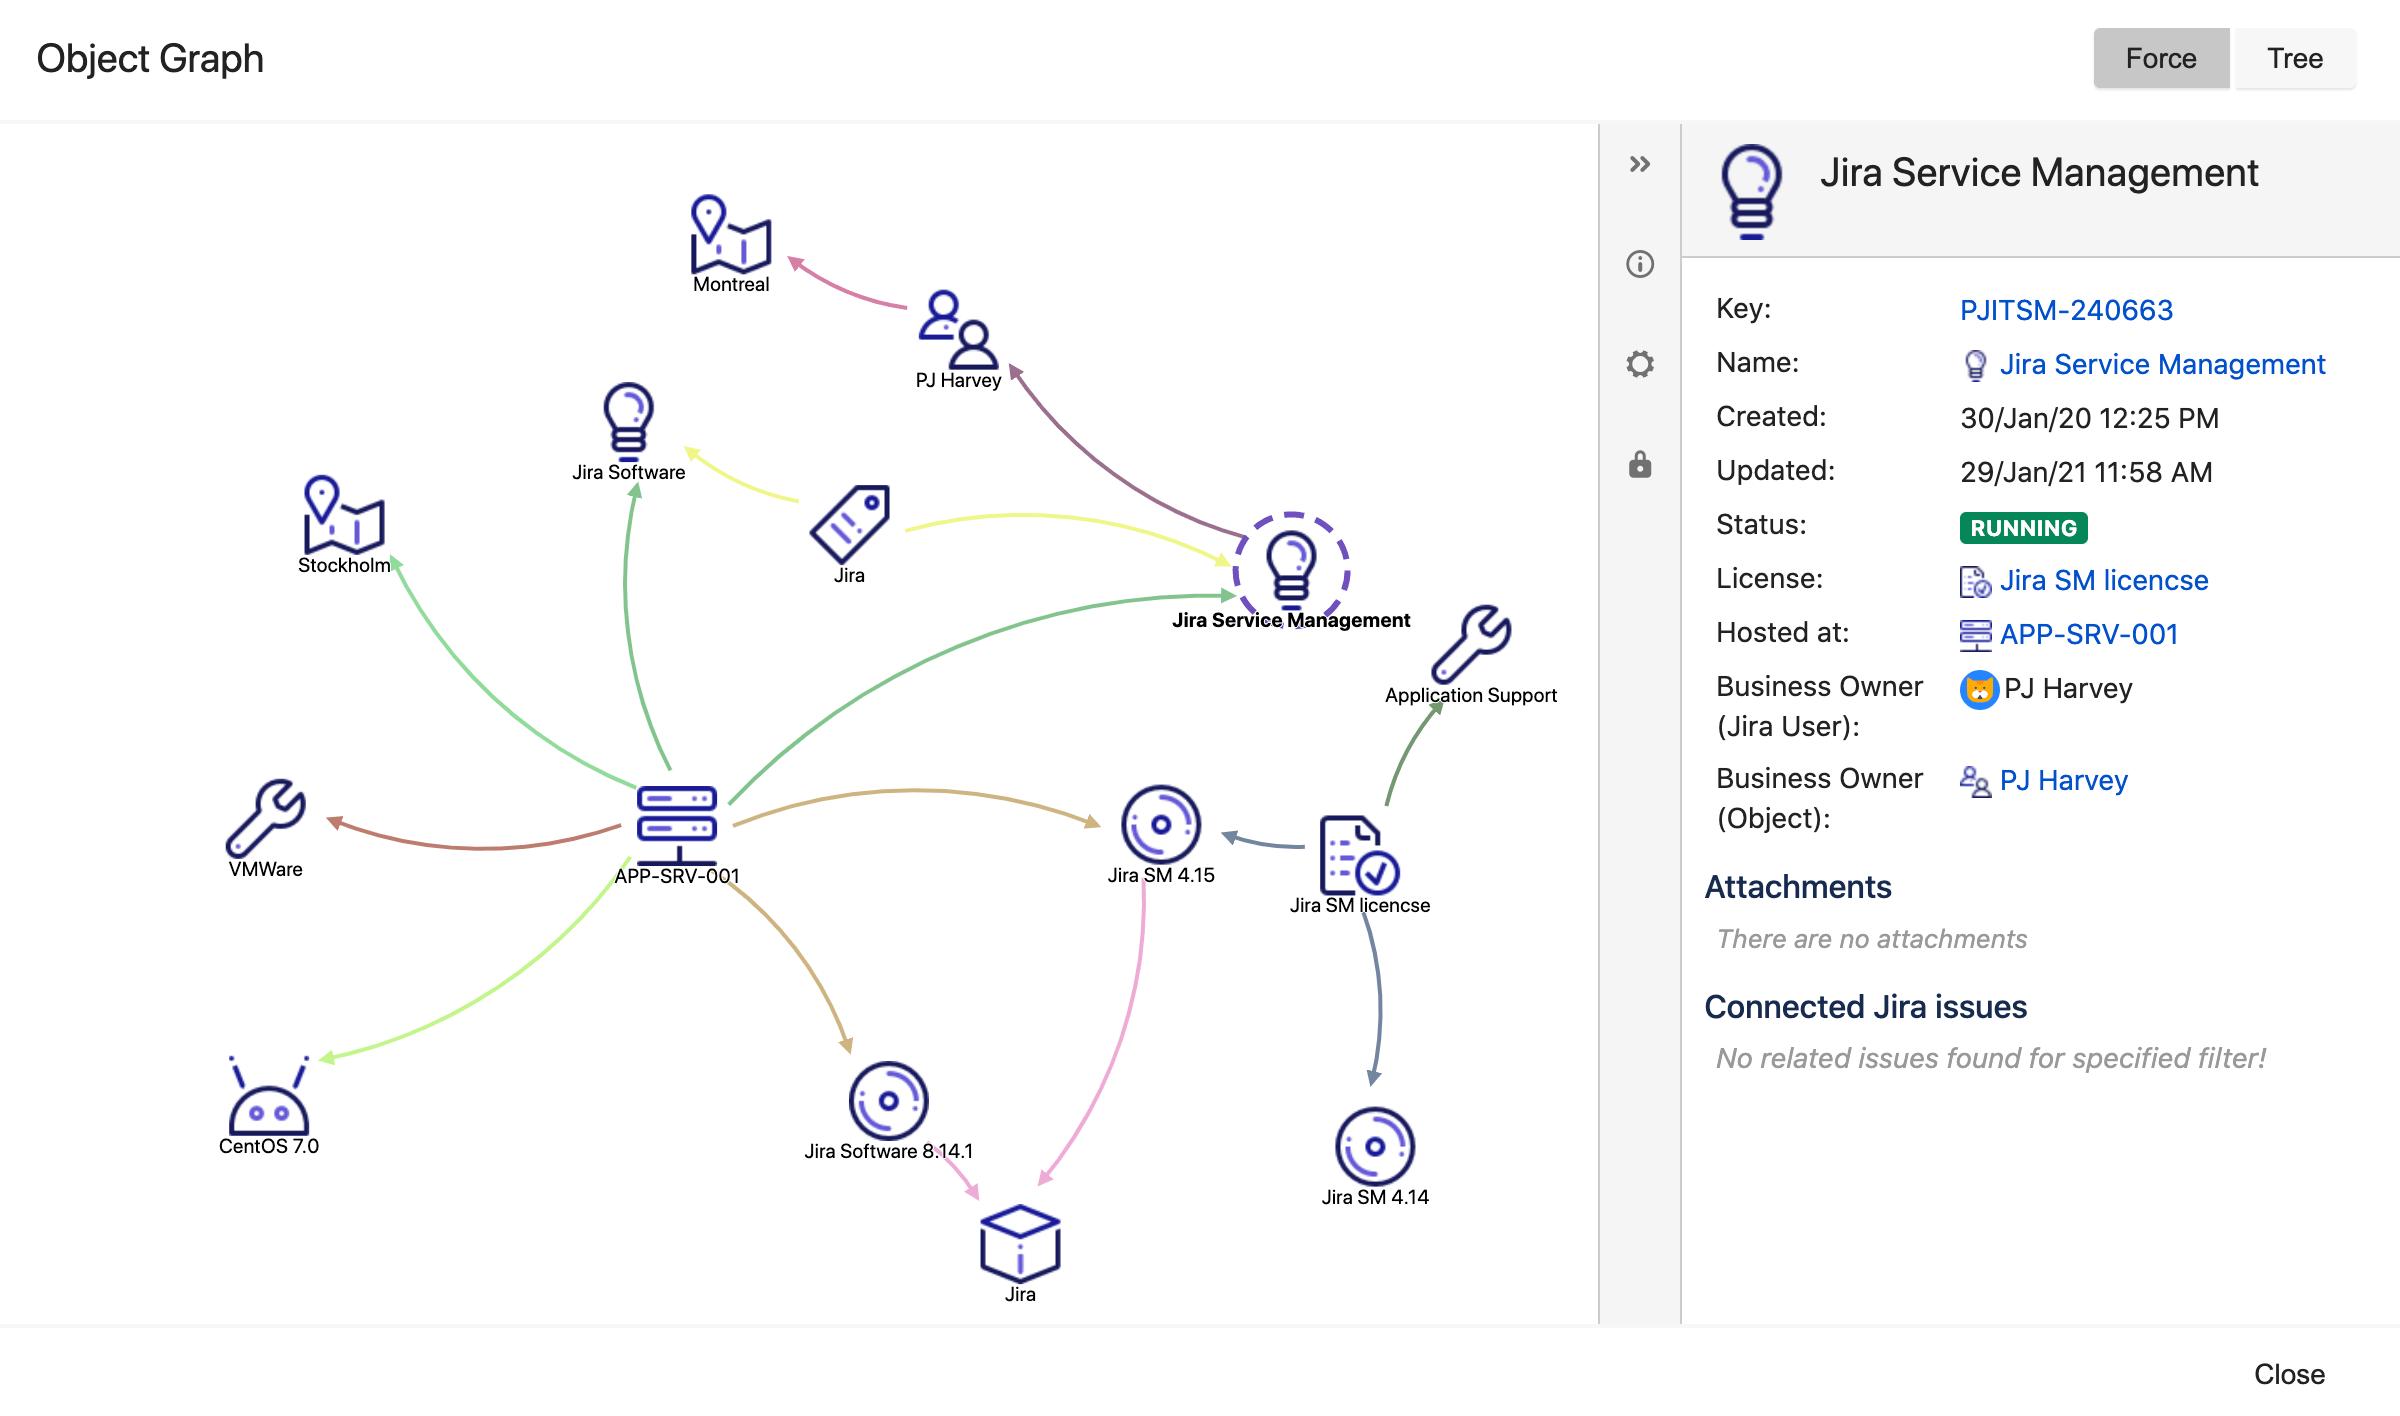 """Fenster in Insight mit dem grafischen Viewer für das Objekt """"Jira Service Management"""". Zu den angezeigten Abhängigkeiten zählen seine Hosts, sein Betriebssystem, die verschiedenen erforderlichen Jira-Versionen und die Lizenz."""